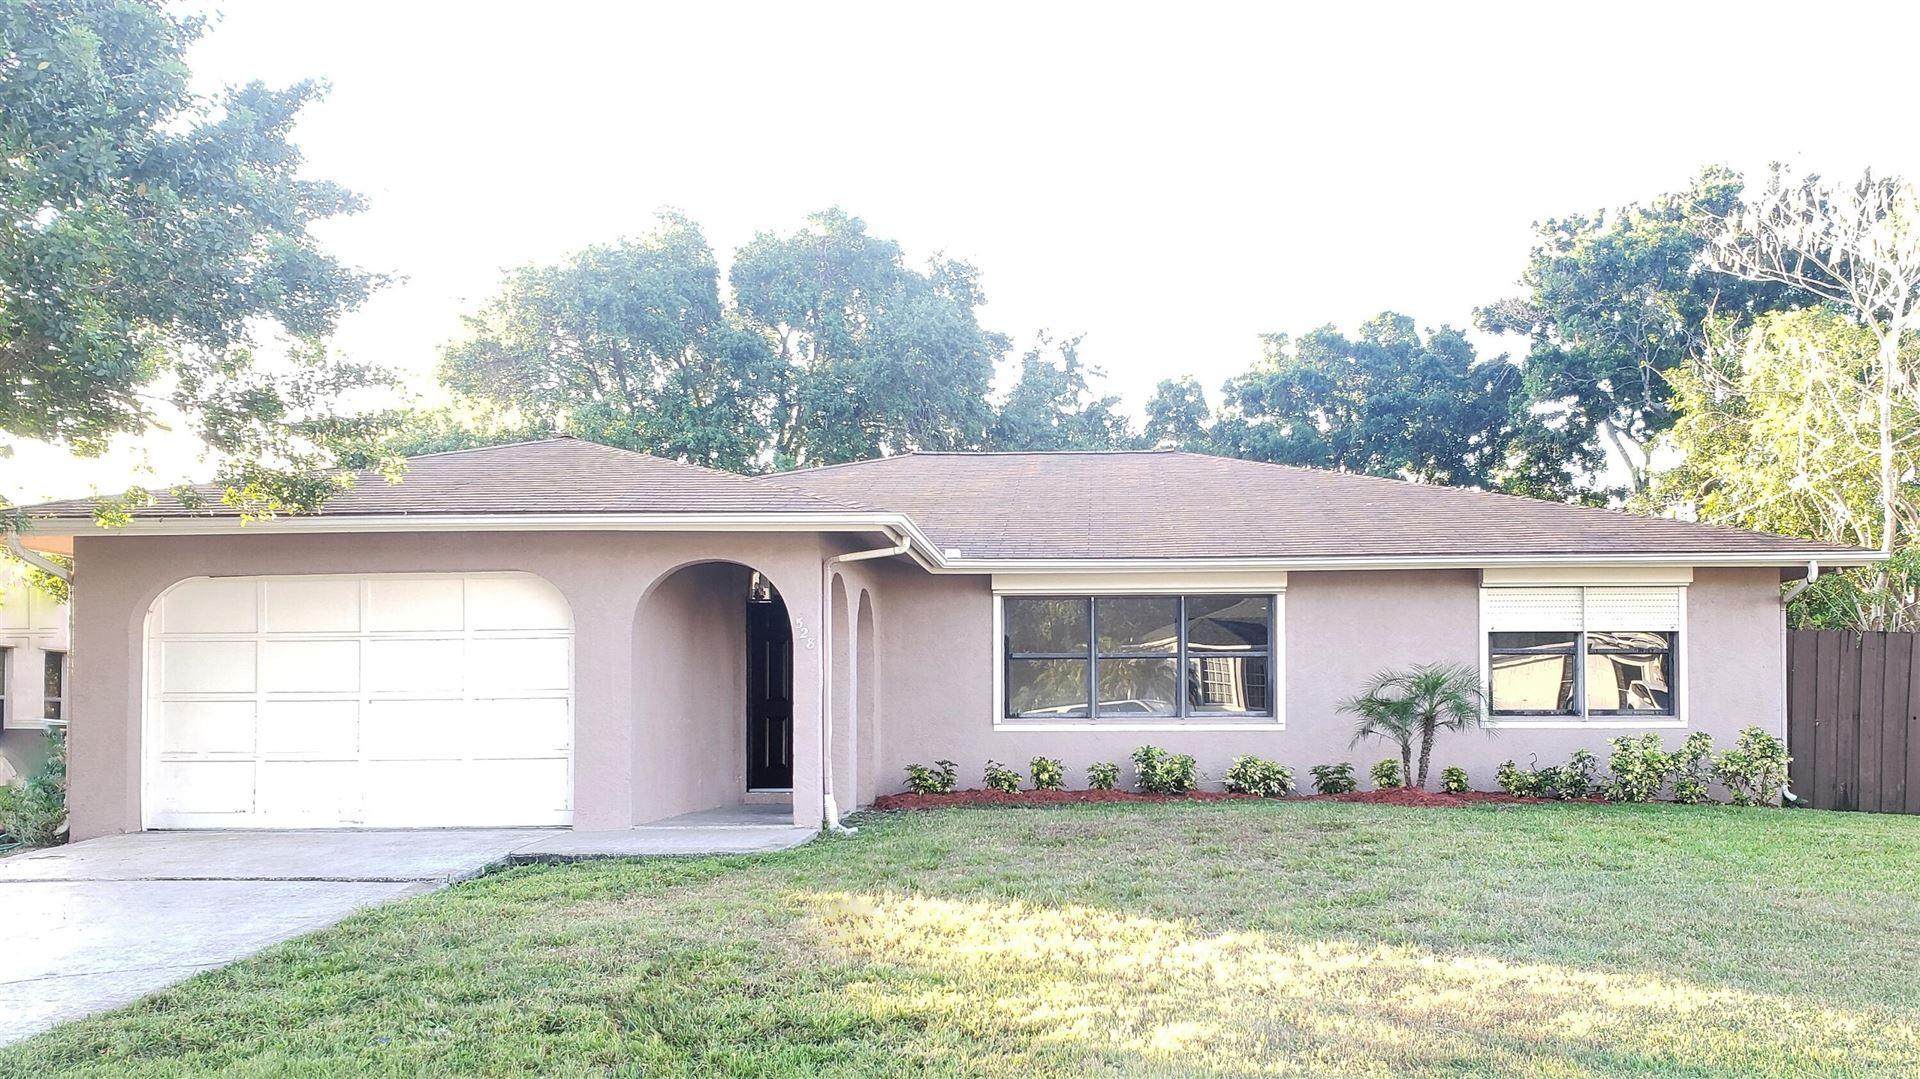 528 SE Greenway Terrace, Port Saint Lucie, FL 34983 - #: RX-10692344